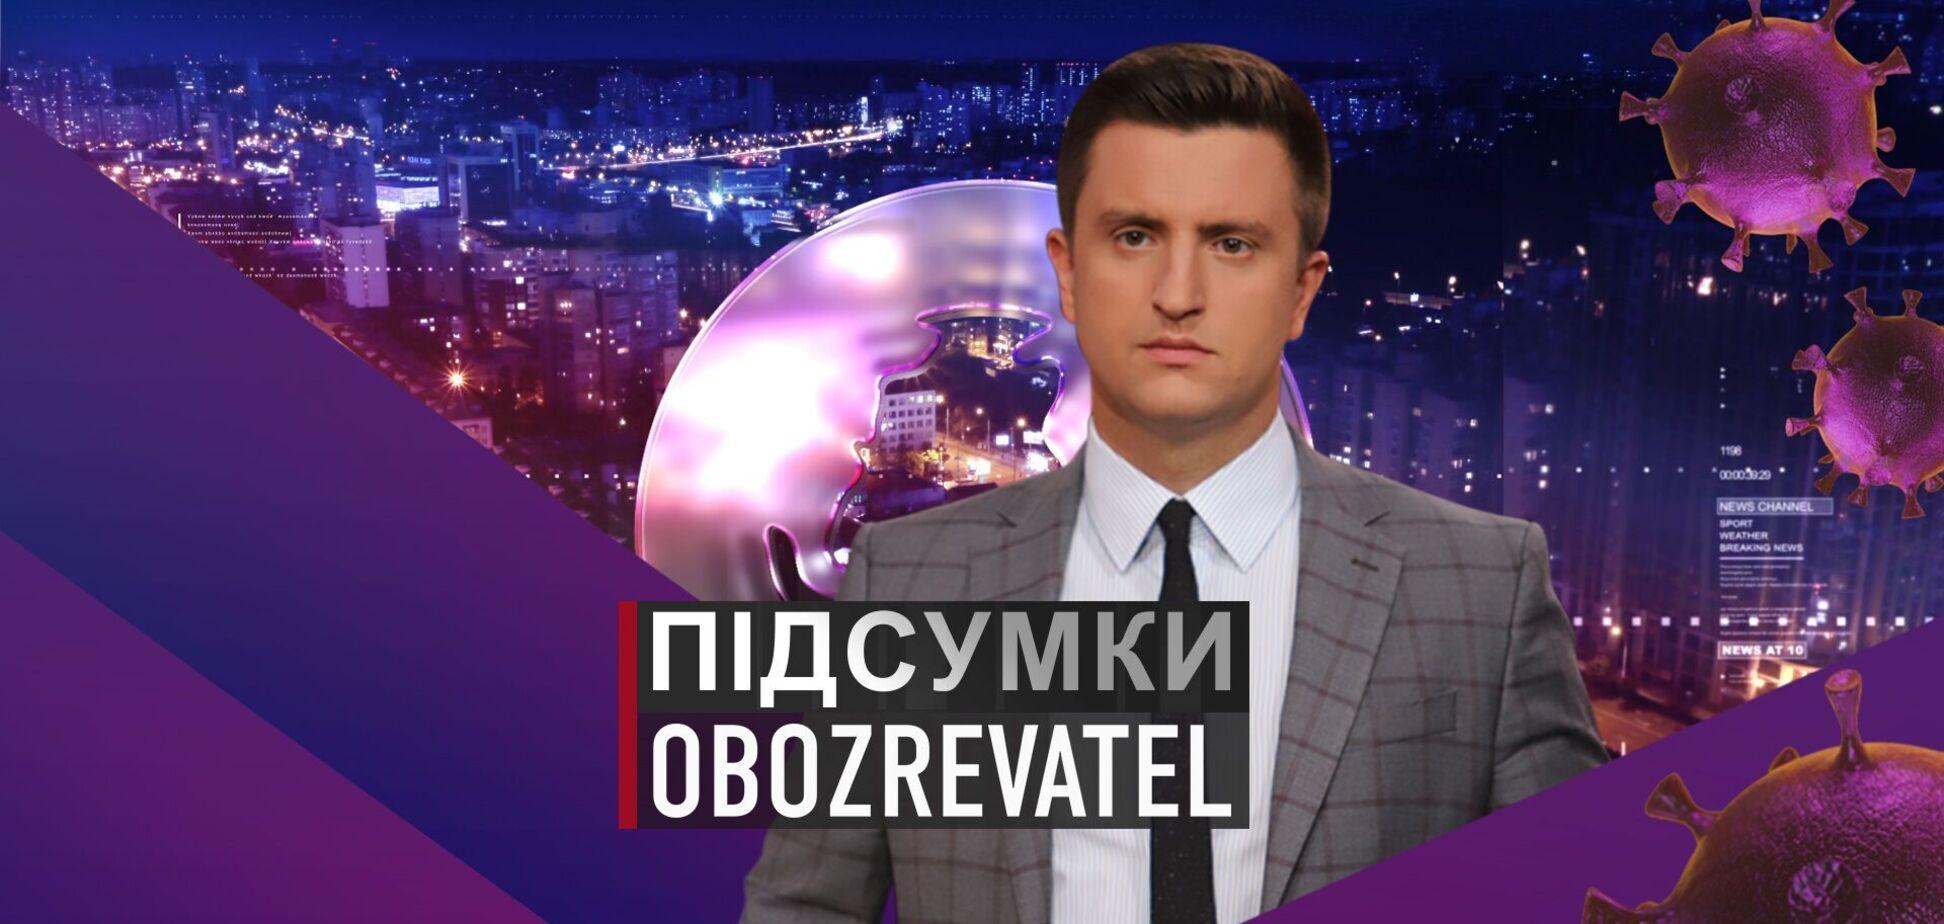 Підсумки с Вадимом Колодийчуком. Вторник, 20 апреля